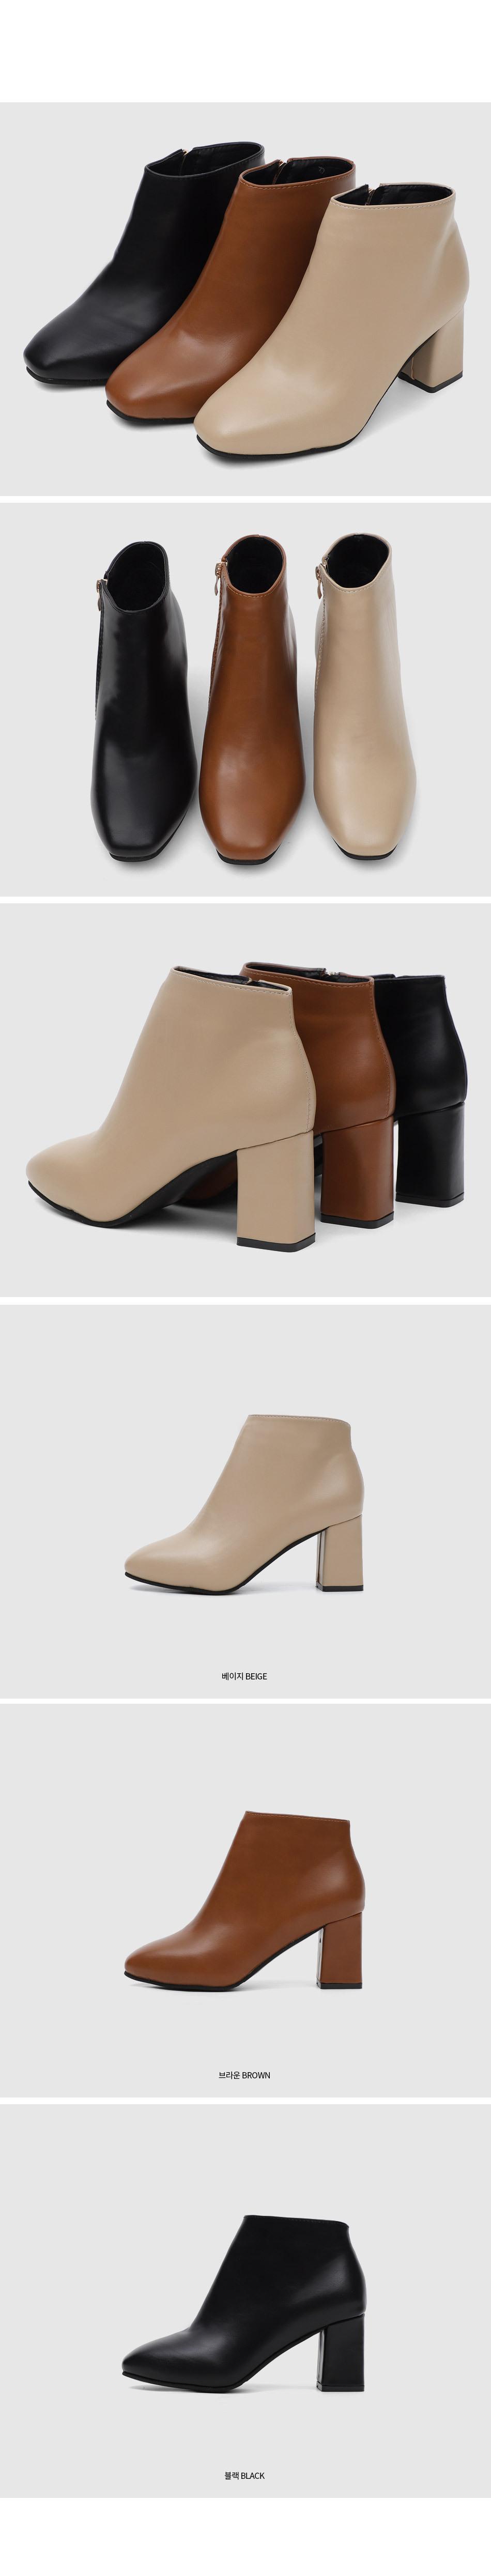 Isshu Block Heel Ankle Boots WJ0060